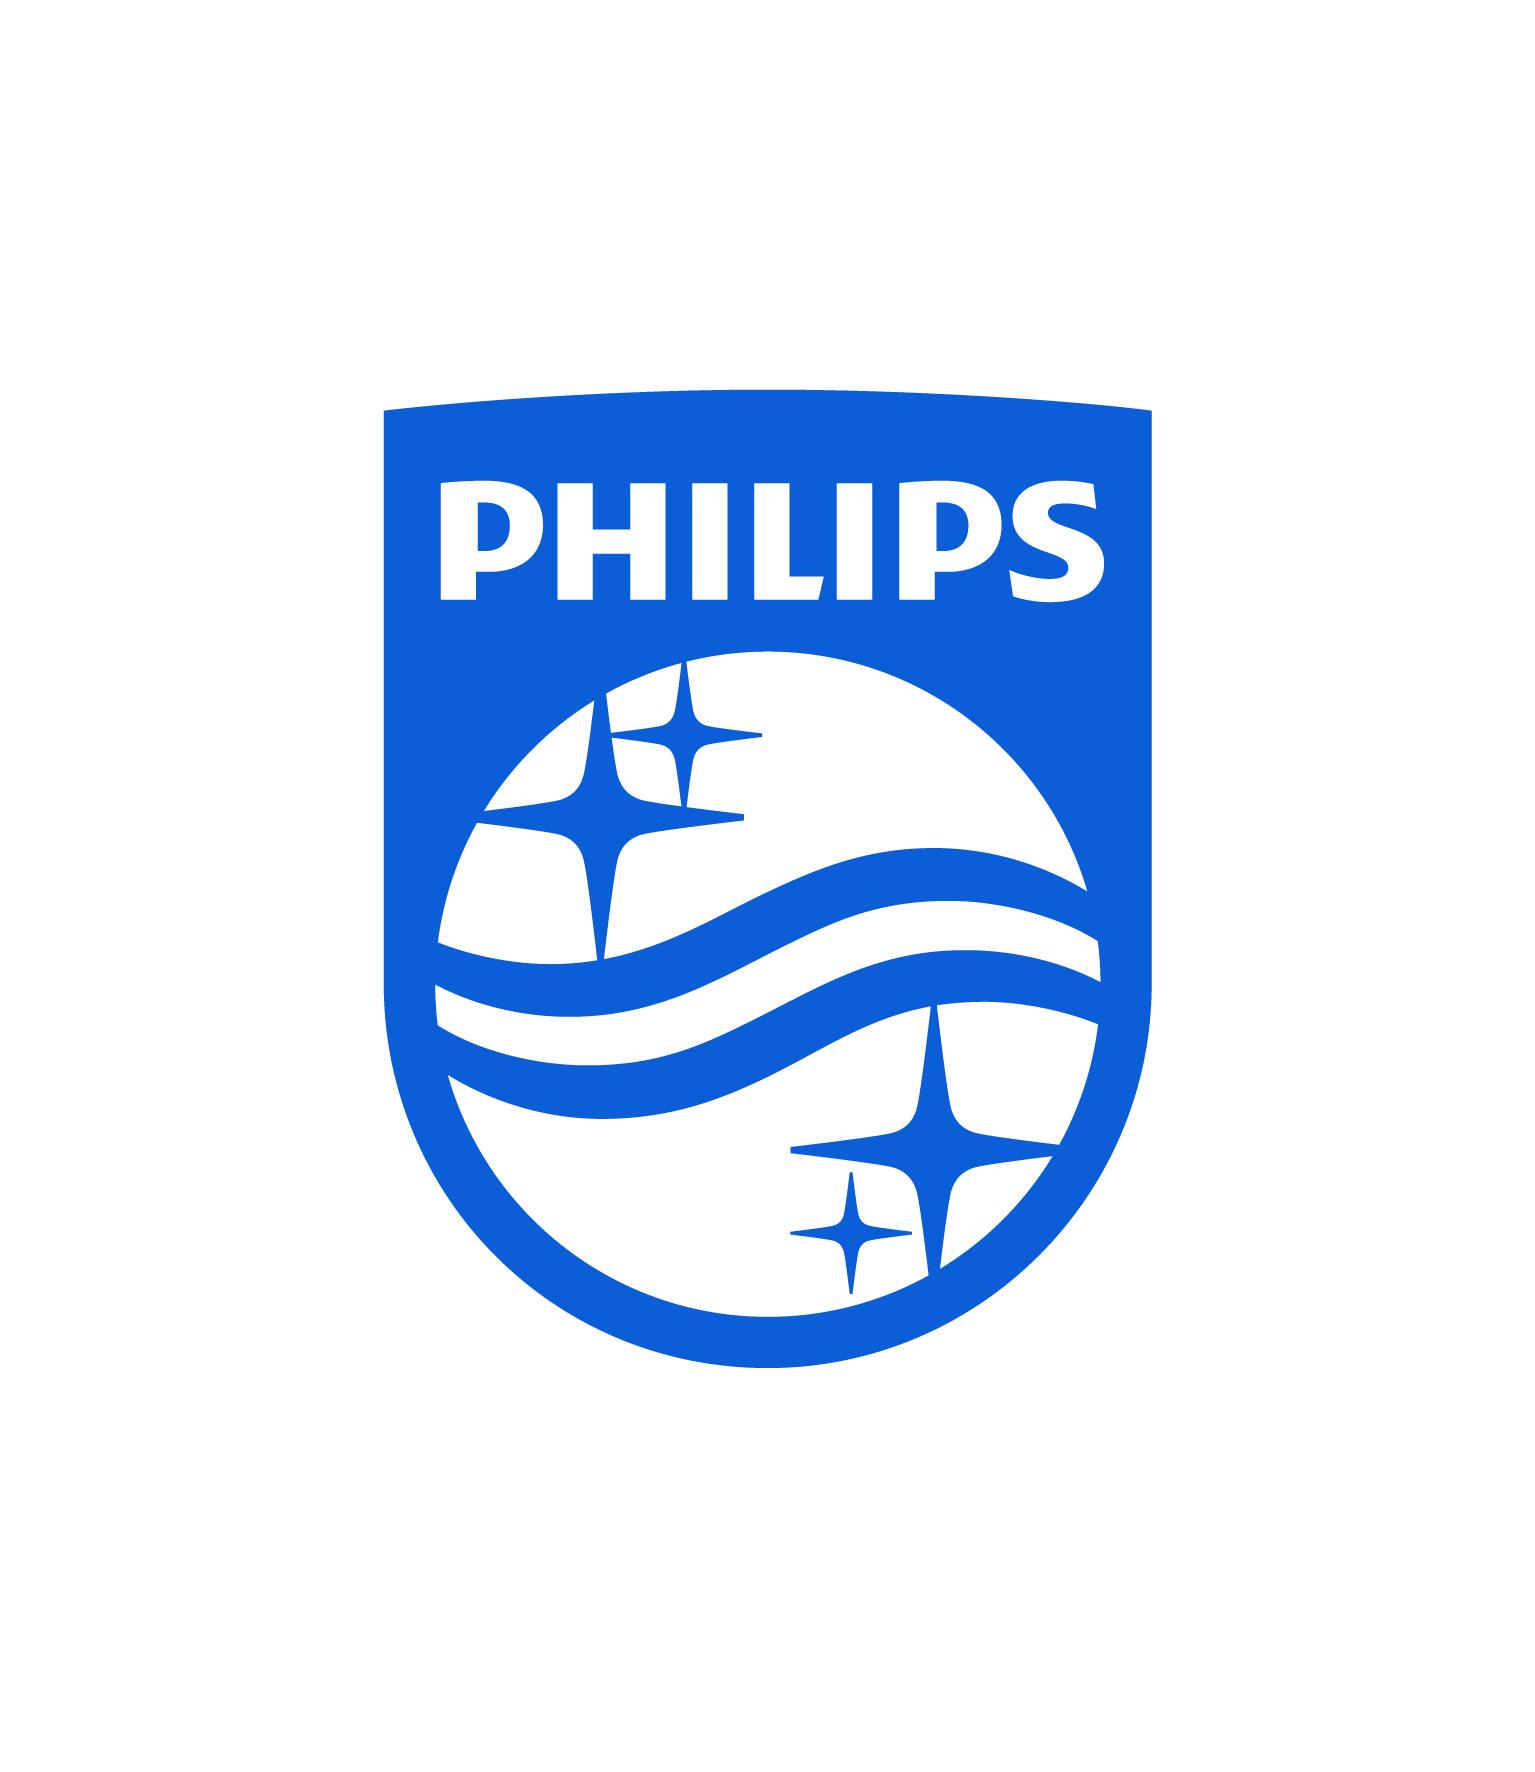 philips-service-centre